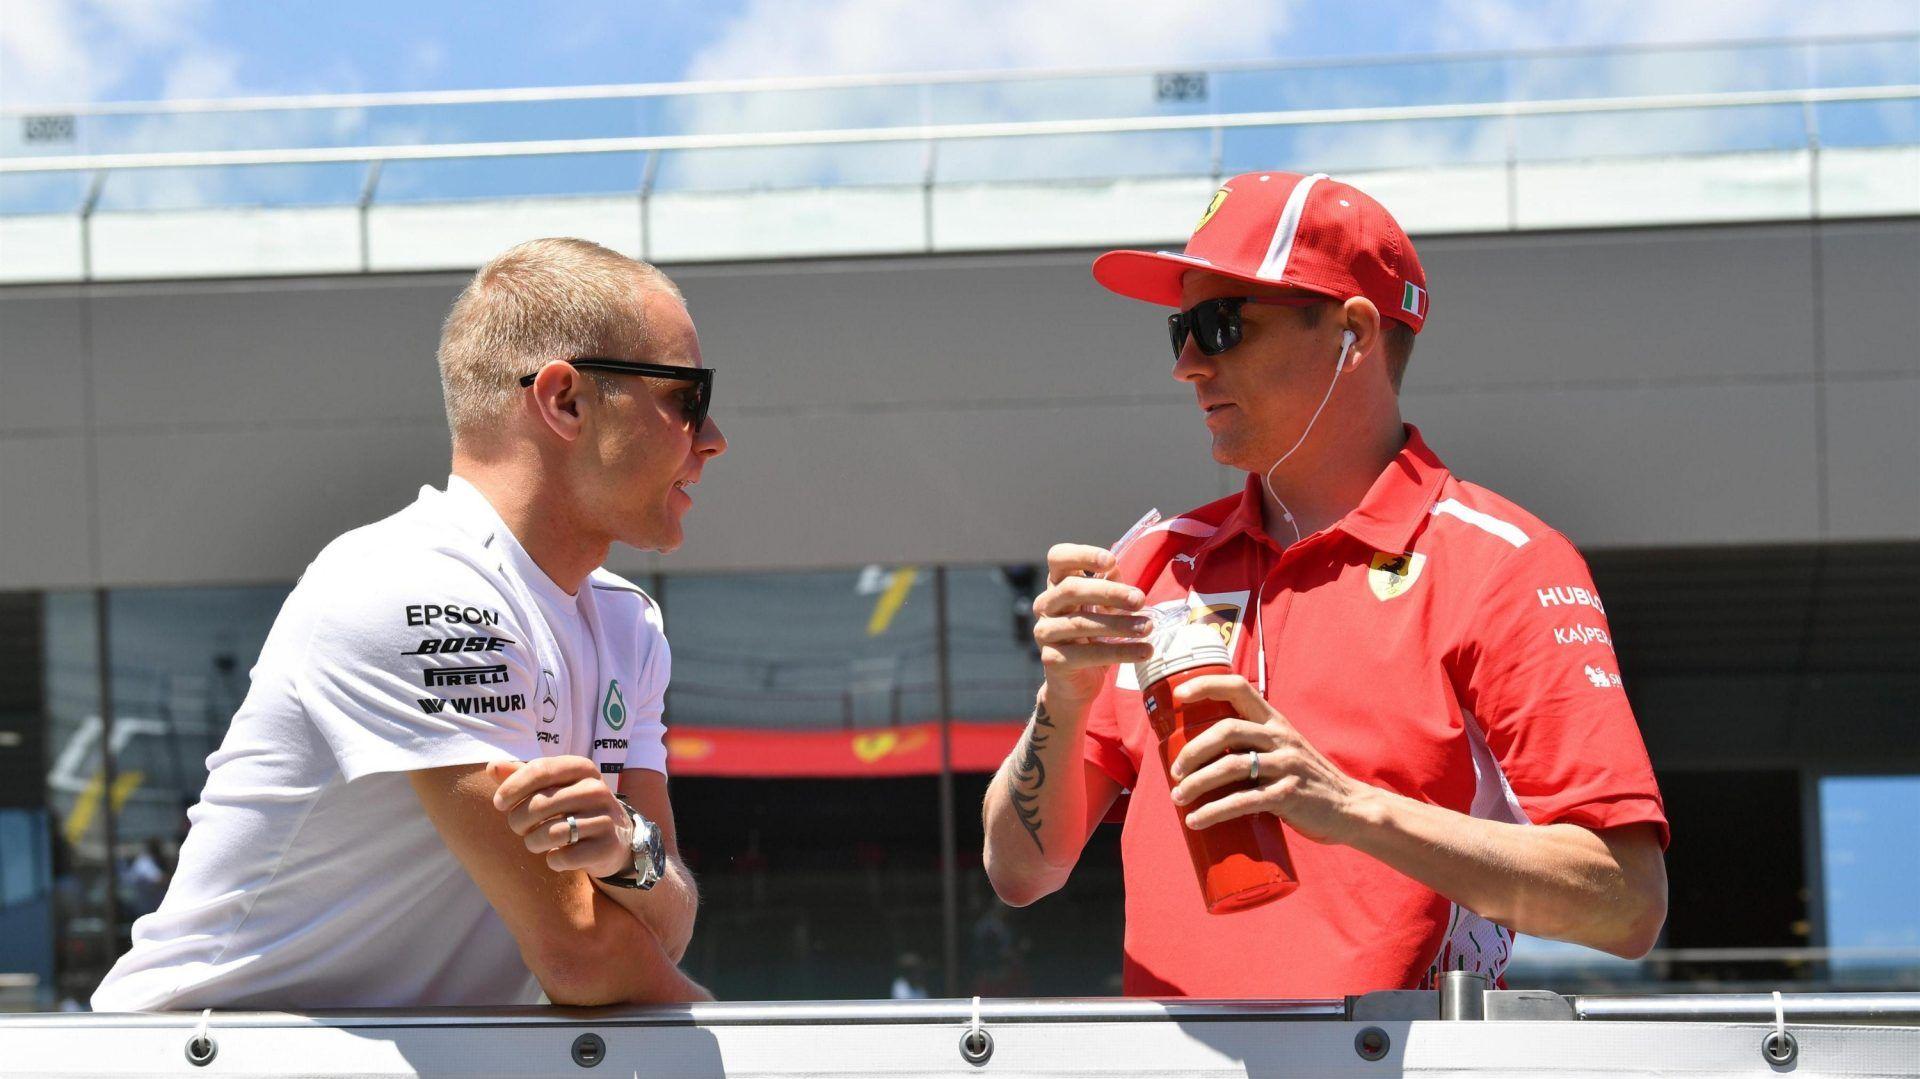 Mika Hakkinen on Valtteri Bottas and Kimi Raikkonen